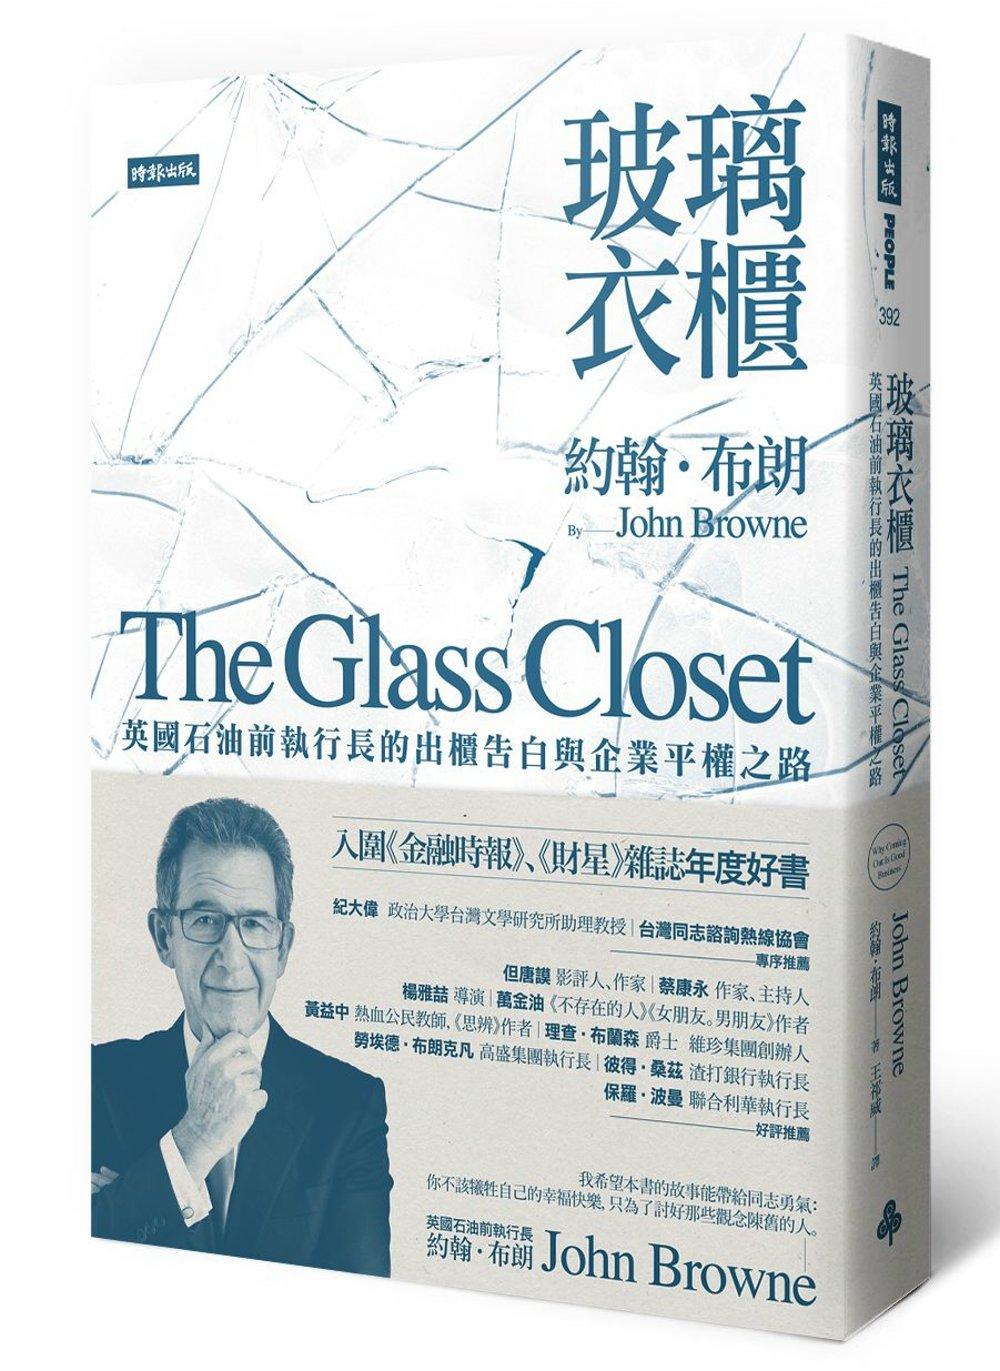 玻璃衣櫃:英國石油前執行長的出櫃告白與企業平權之路